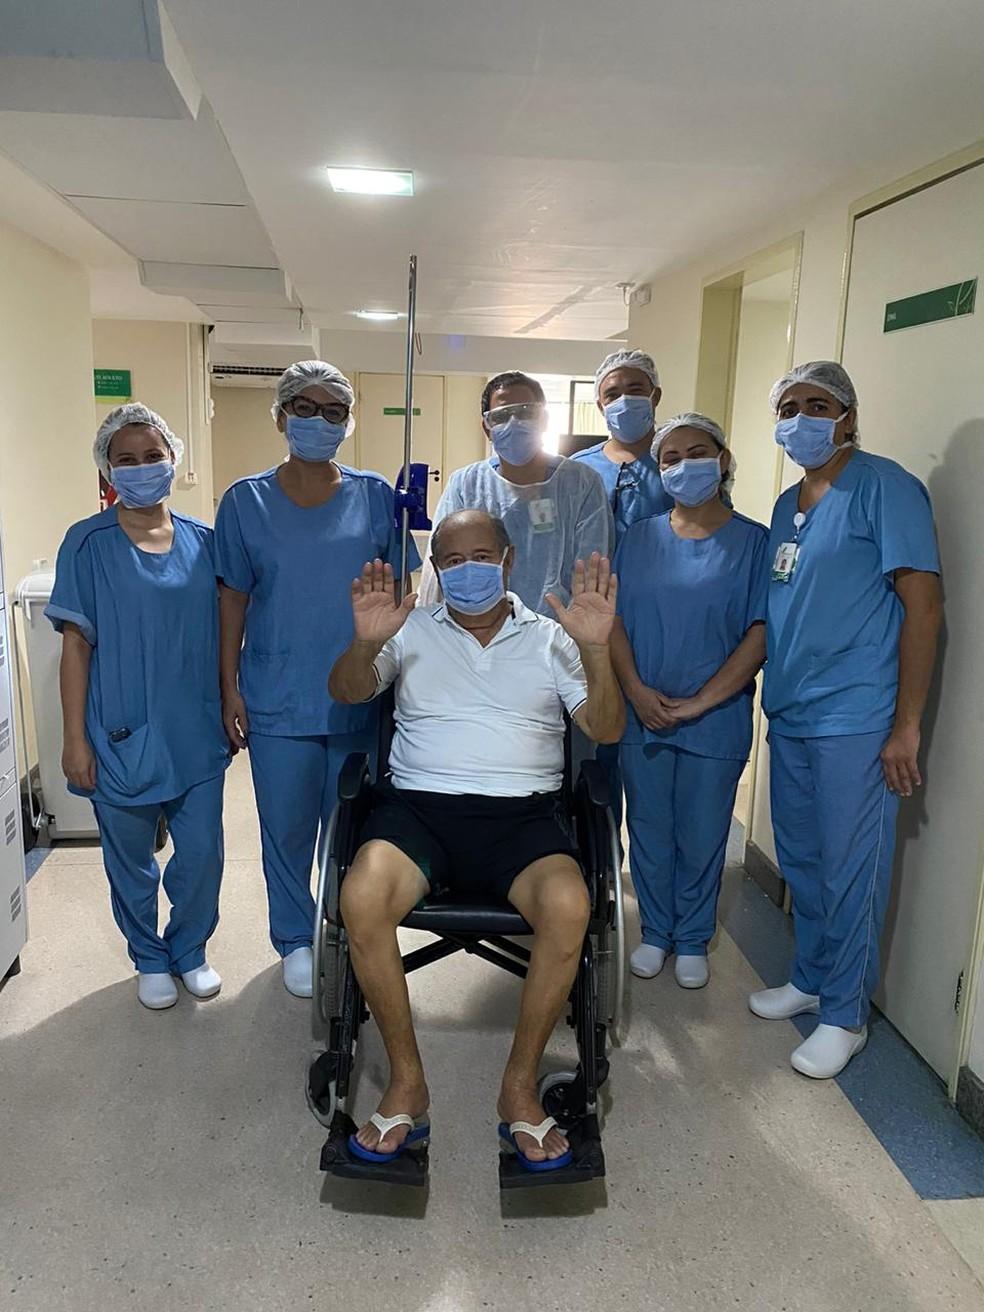 Aposentado Iremar Leite Pereira, de 72 anos, ficou entubado por 14 dias e se curou da Covid-19 — Foto: Cedida